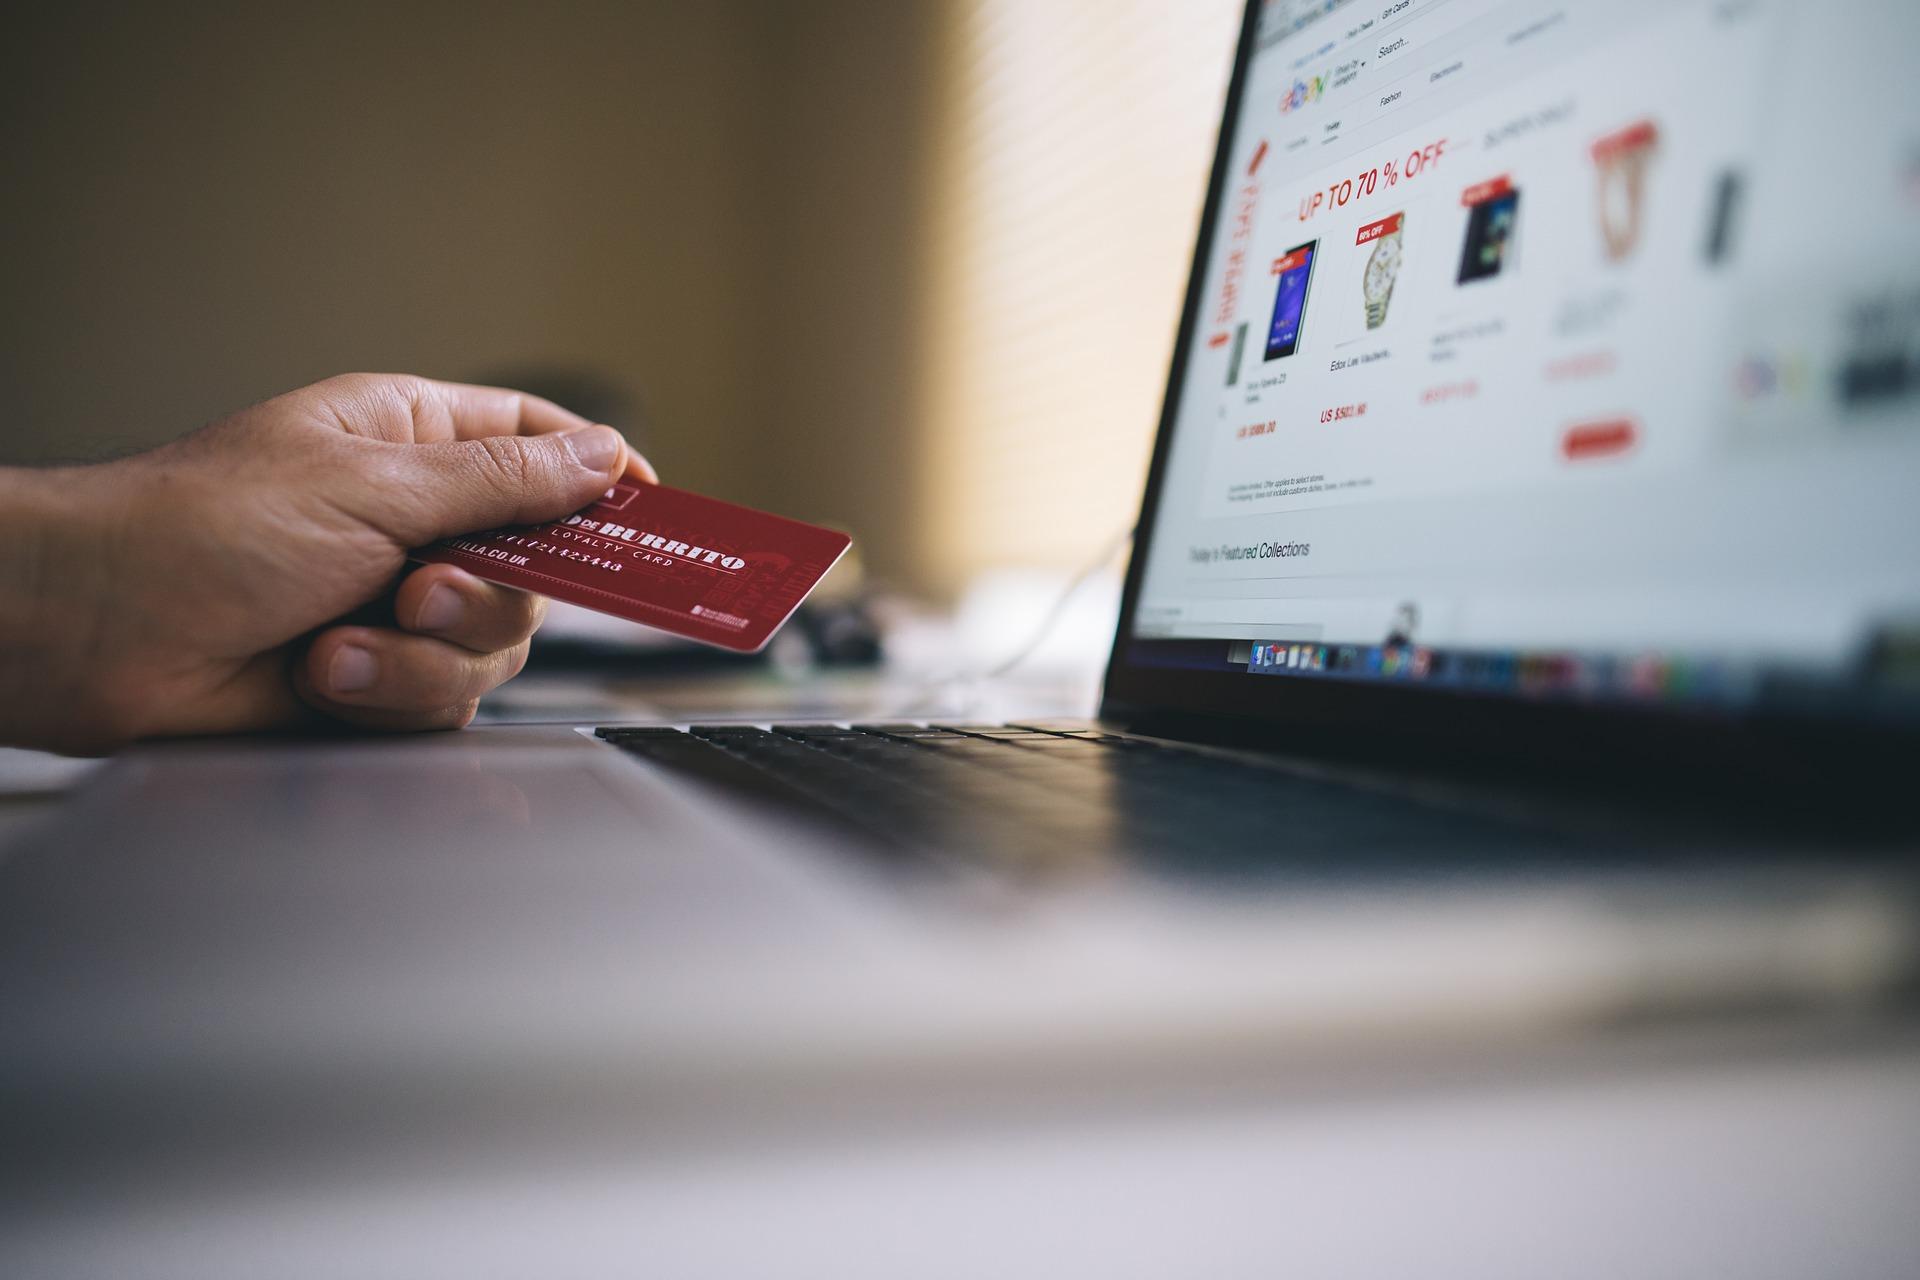 Saugiai apsipirkti padės 6 paprastos taisyklės